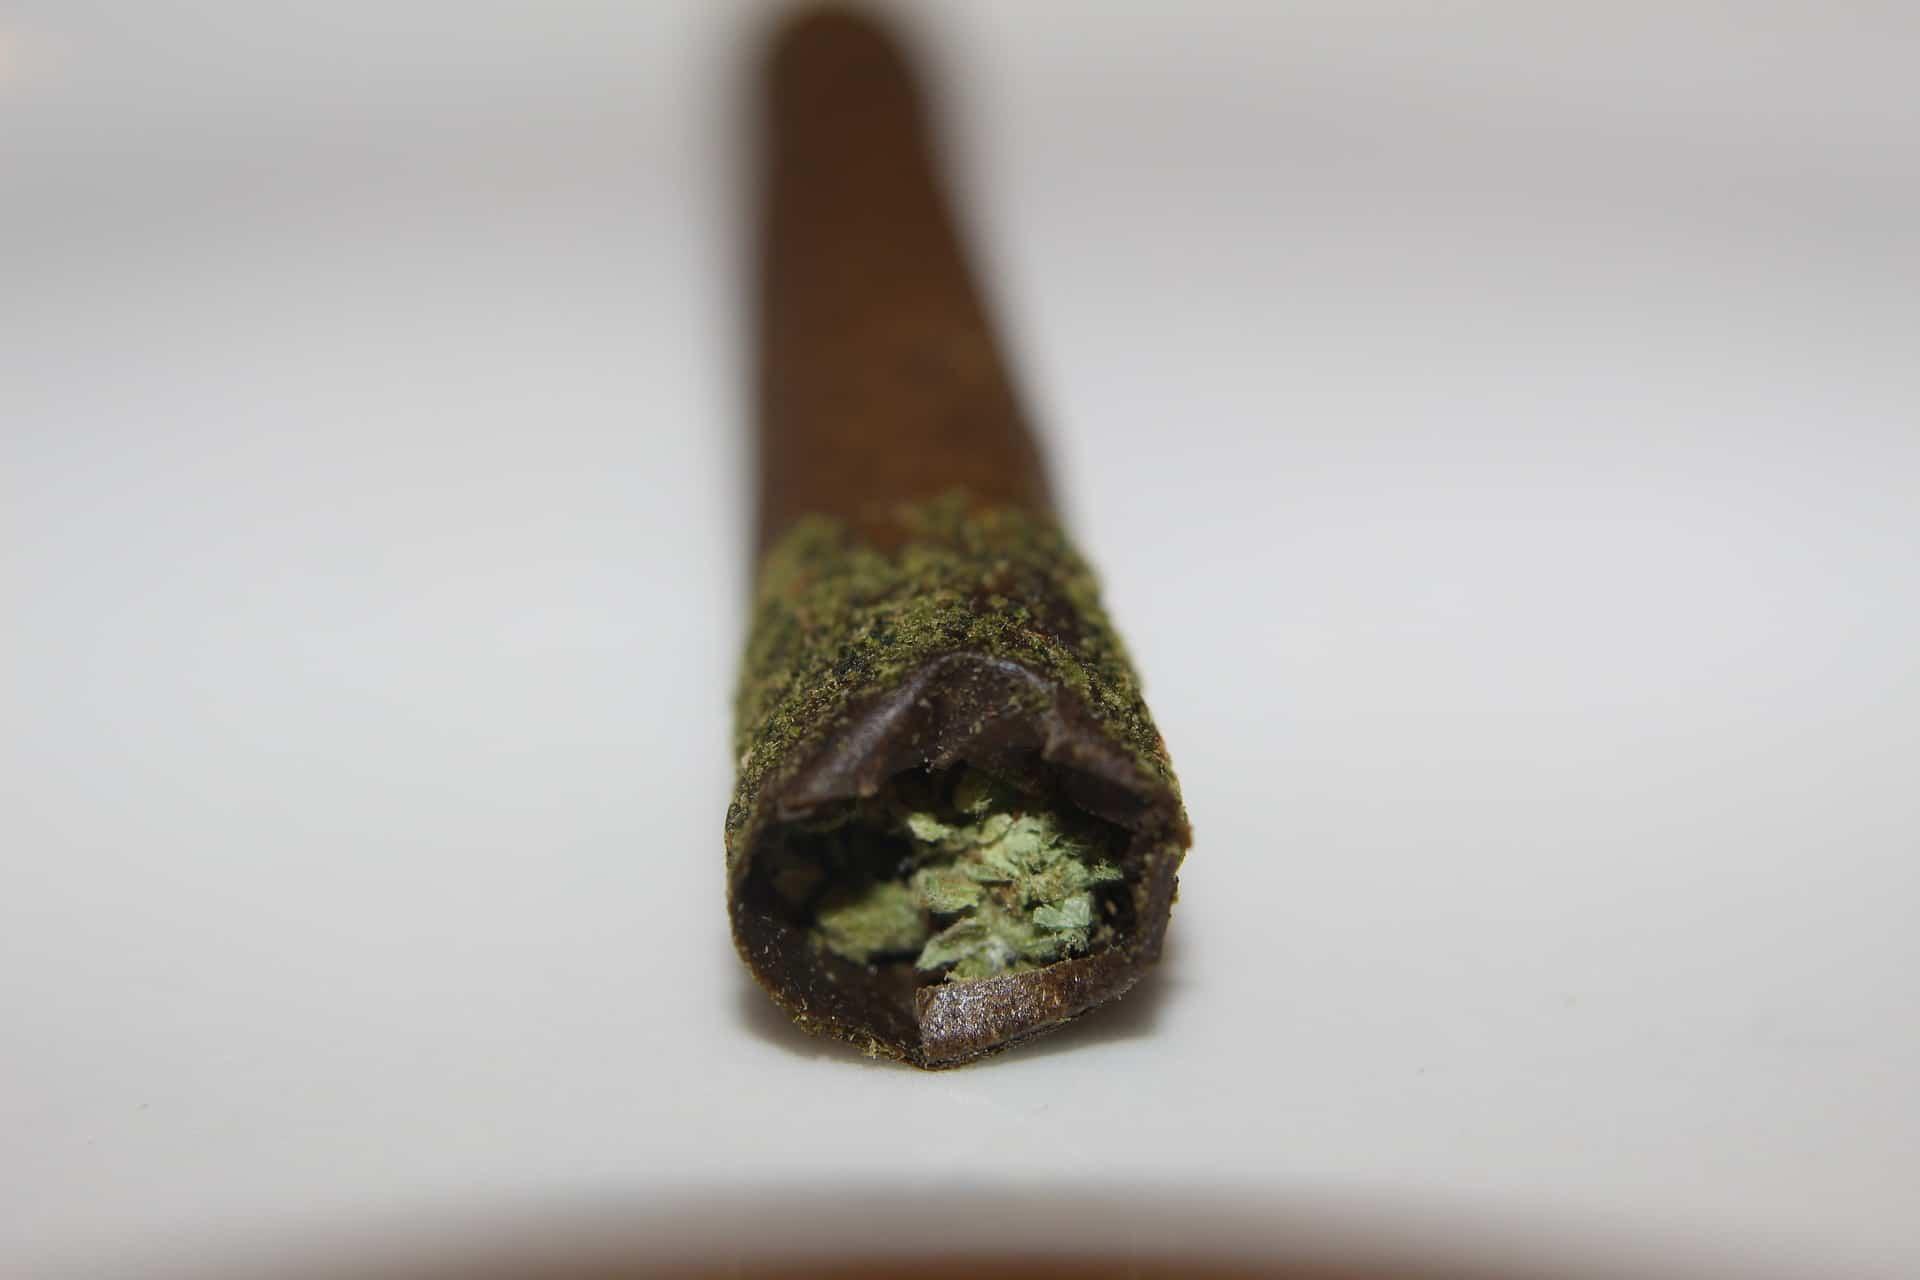 Nación Cannabis | Quitarán límite de portación de marihuana en México